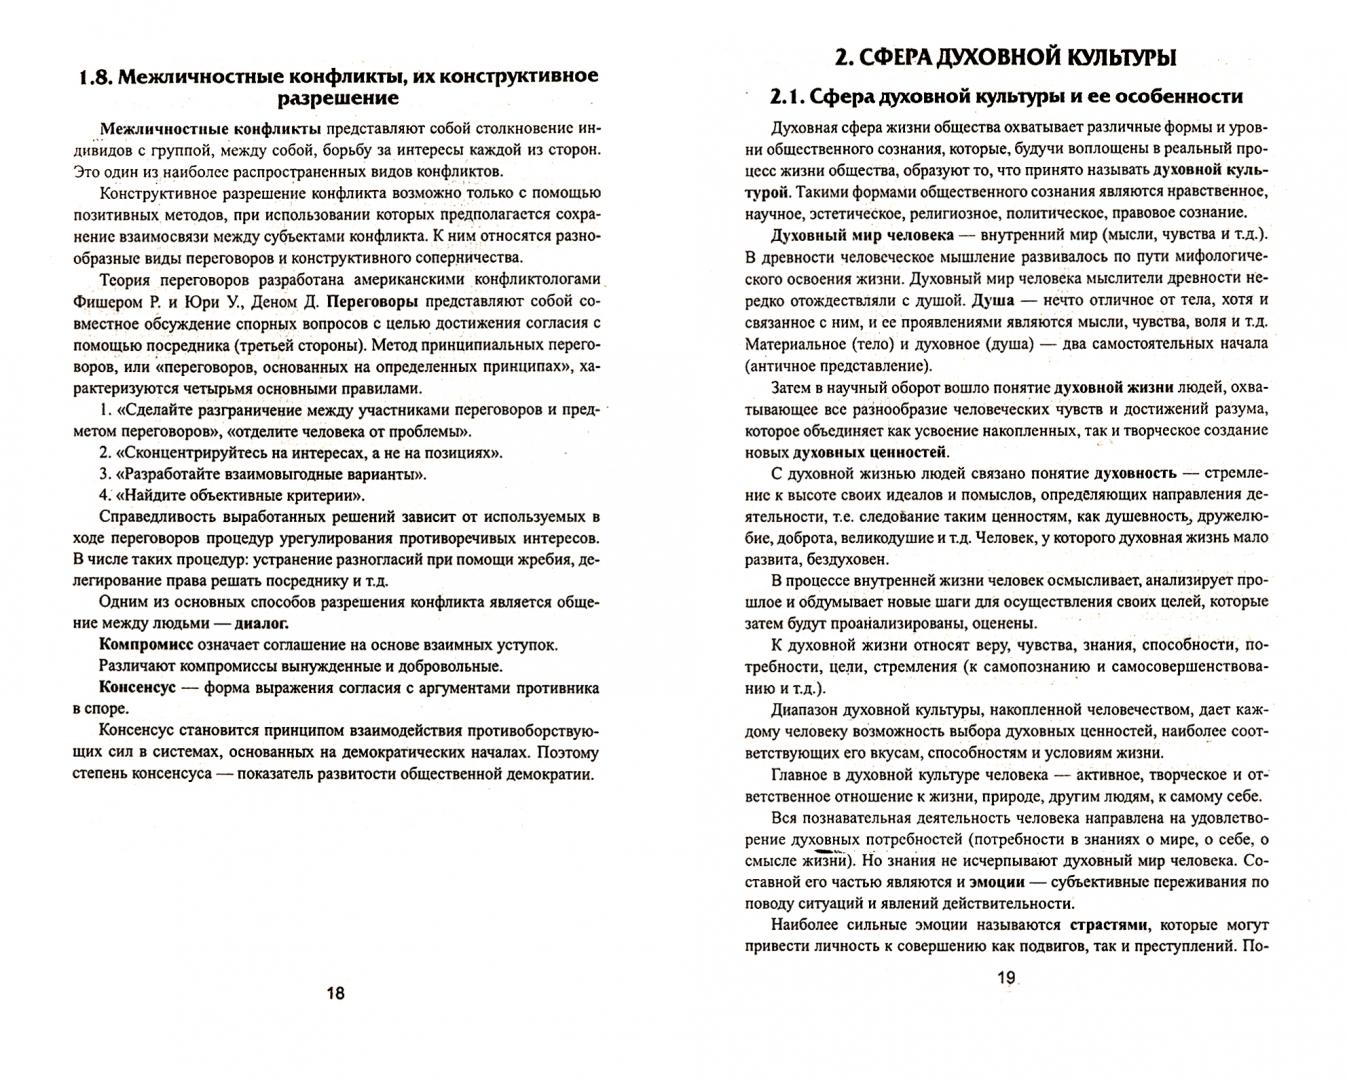 Иллюстрация 1 из 19 для Памятка по обществознанию. 8-9 классы - Елена Домашек   Лабиринт - книги. Источник: Лабиринт